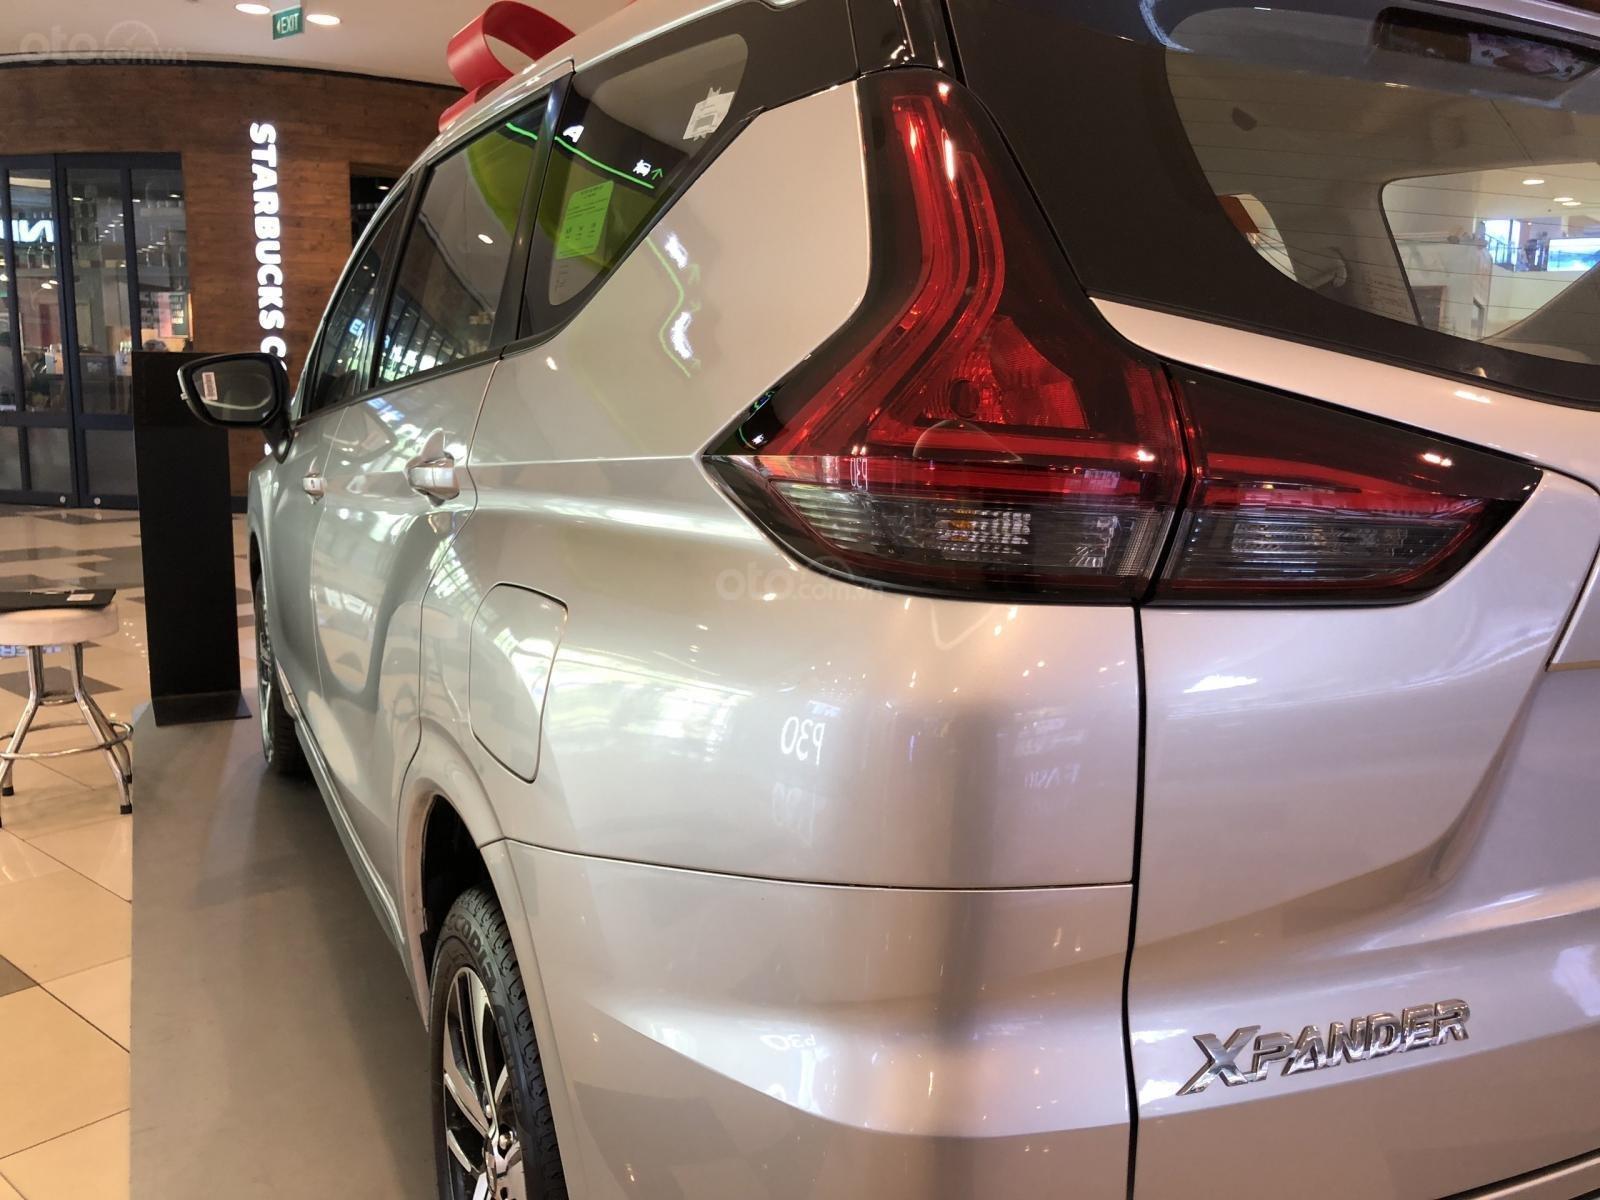 Bán Mitsubishi Xpander MT đời 2019, màu trắng, xe nhập, giao xe đúng hẹn (7)